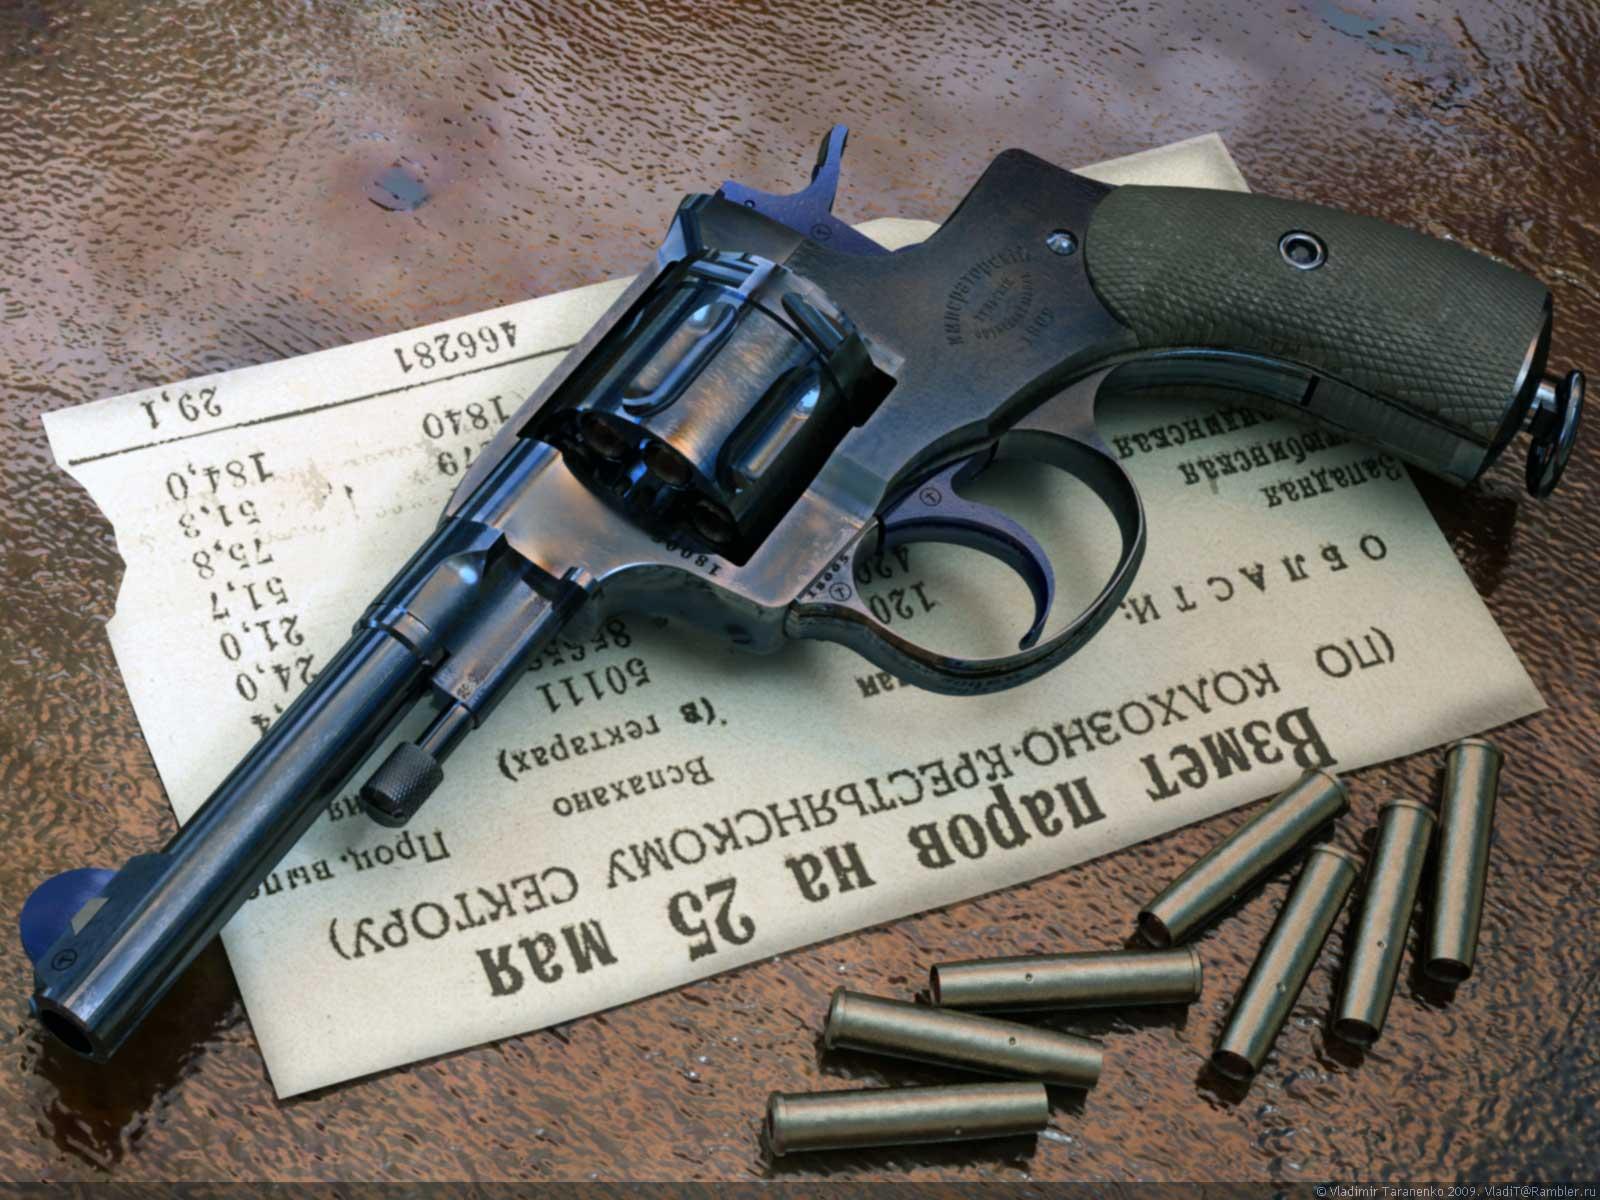 Nagan revolver gun wallpaper, скачать фото, наган, обои для рабочего стола